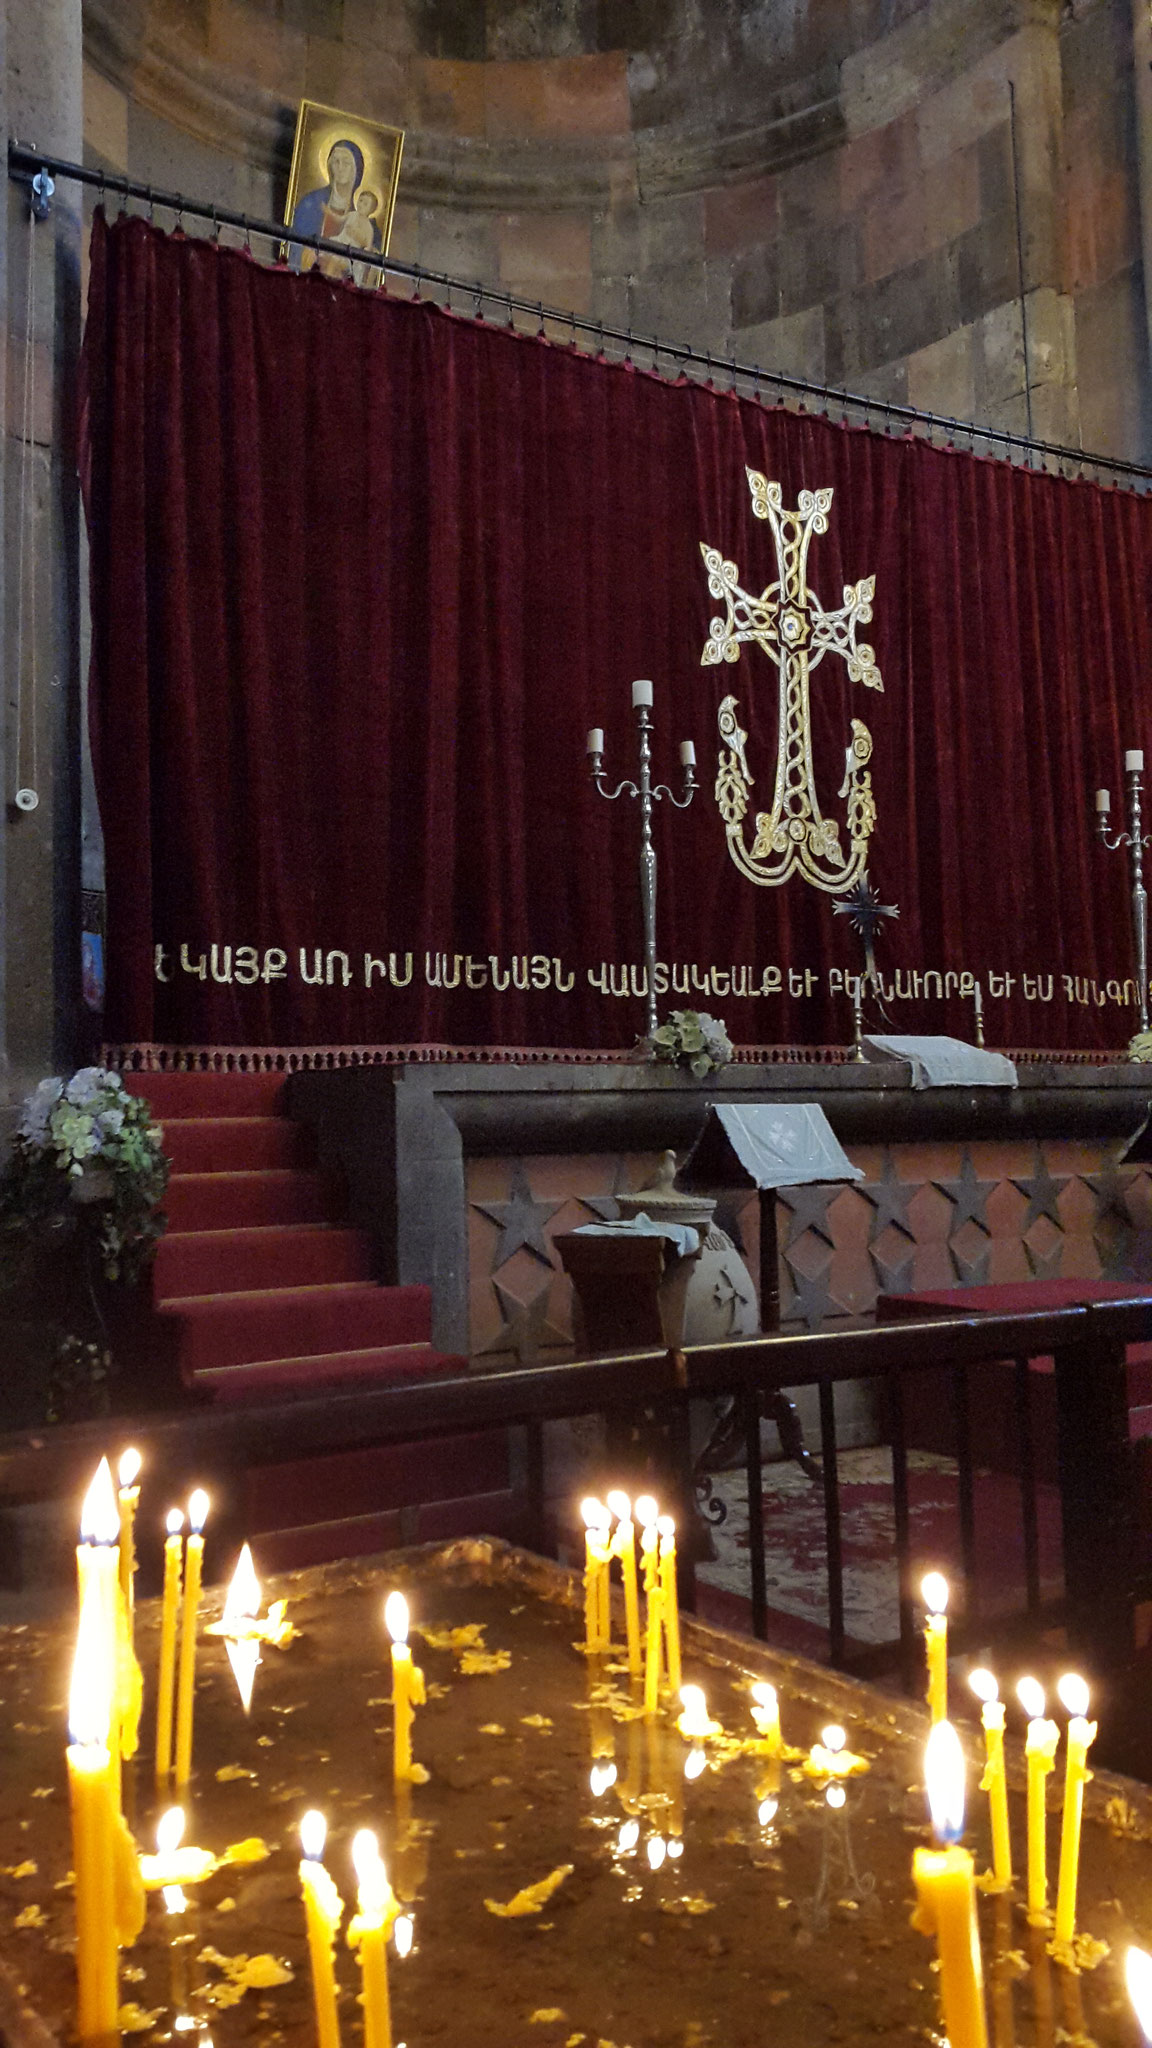 Kirche in der Fastenzeit ...